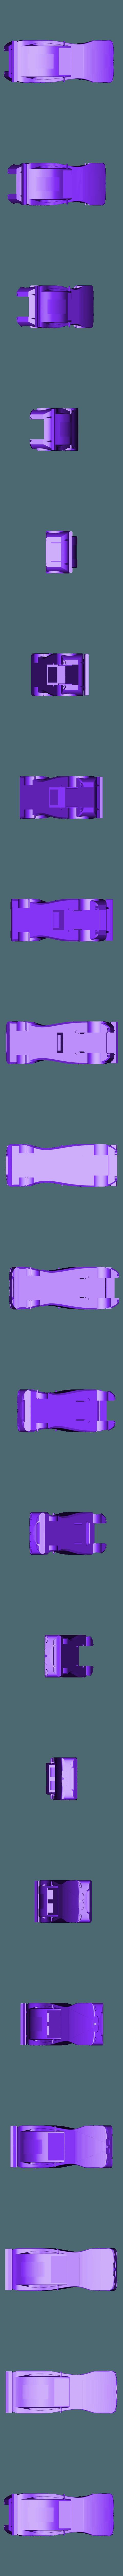 Voiture .stl Télécharger fichier STL gratuit Voiture course en cours • Objet imprimable en 3D, SimEtJo